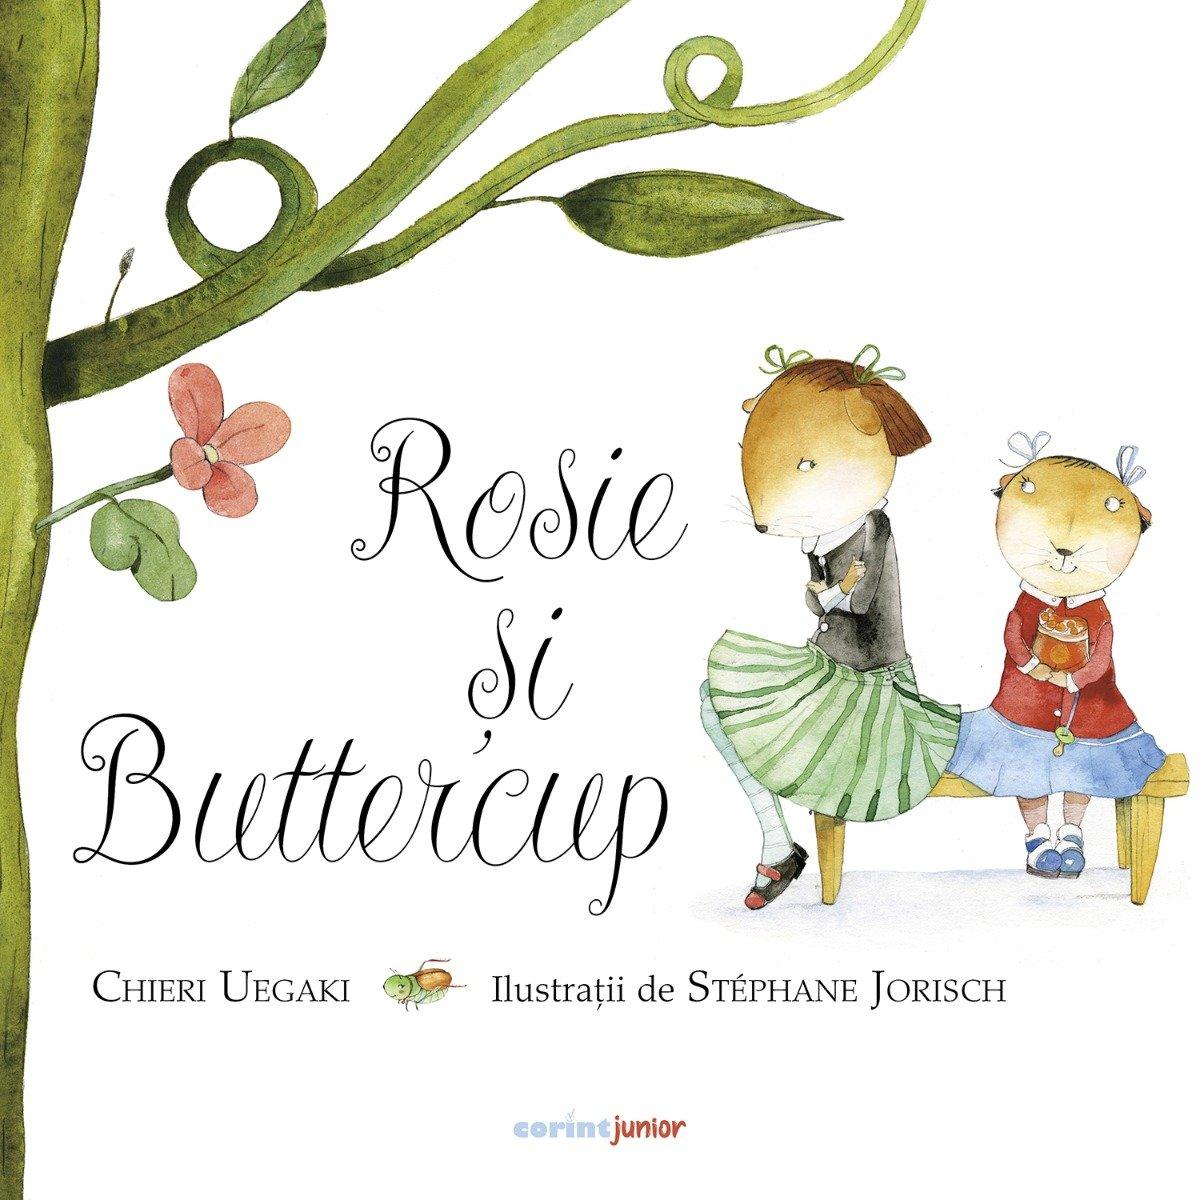 Rosie si Buttercup, Chieri Uegaki